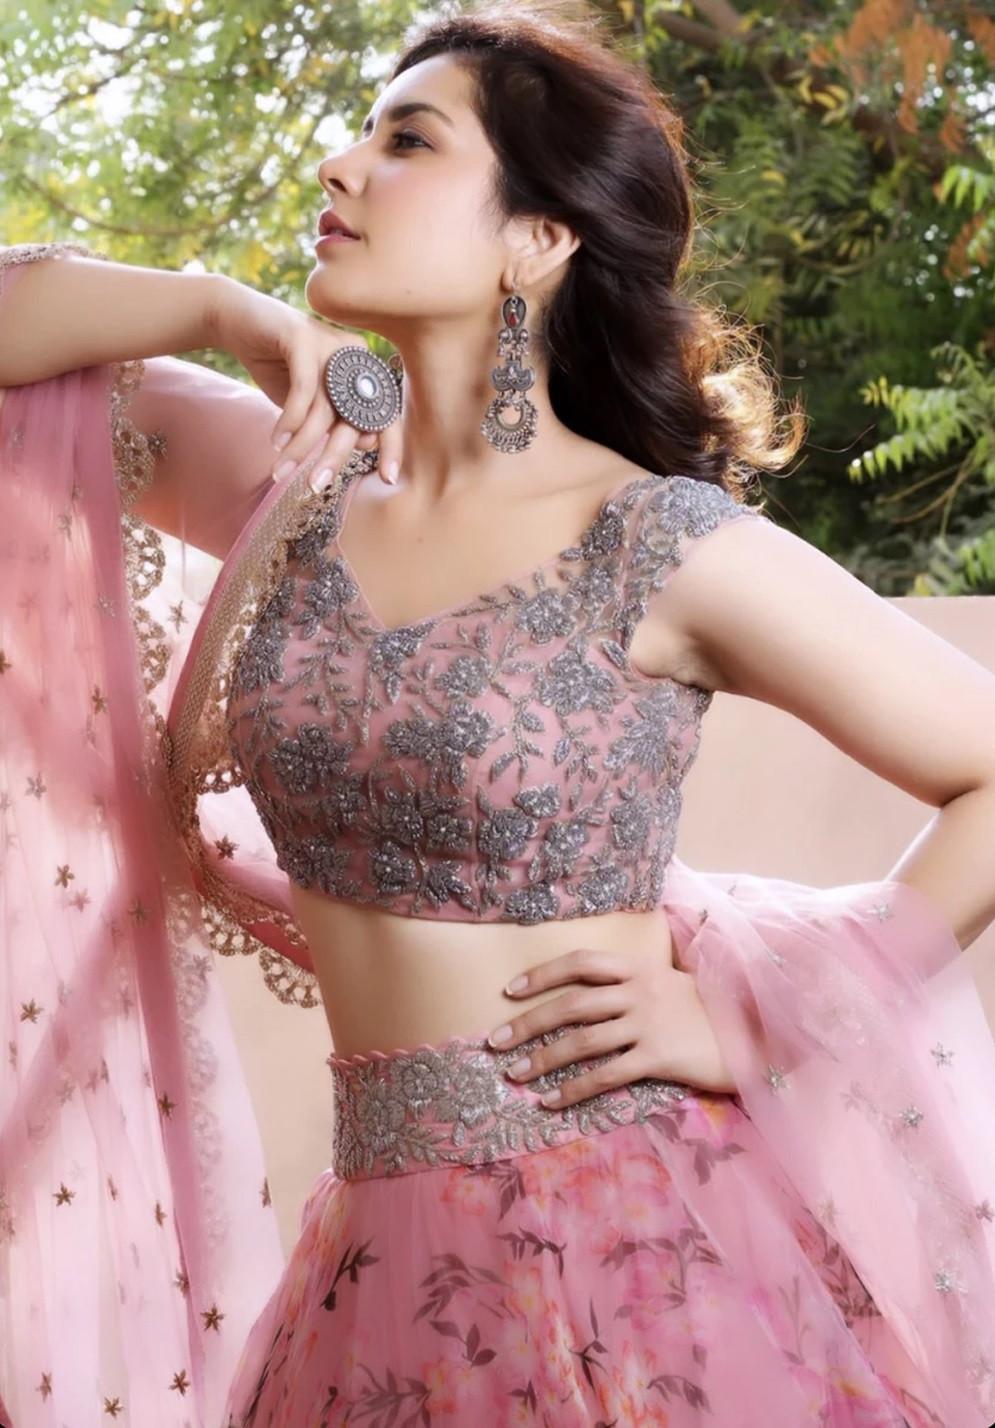 Rashi Khanna Floral Printed Pink Net Lehenga Choli - L8002 - YOYO Fashion